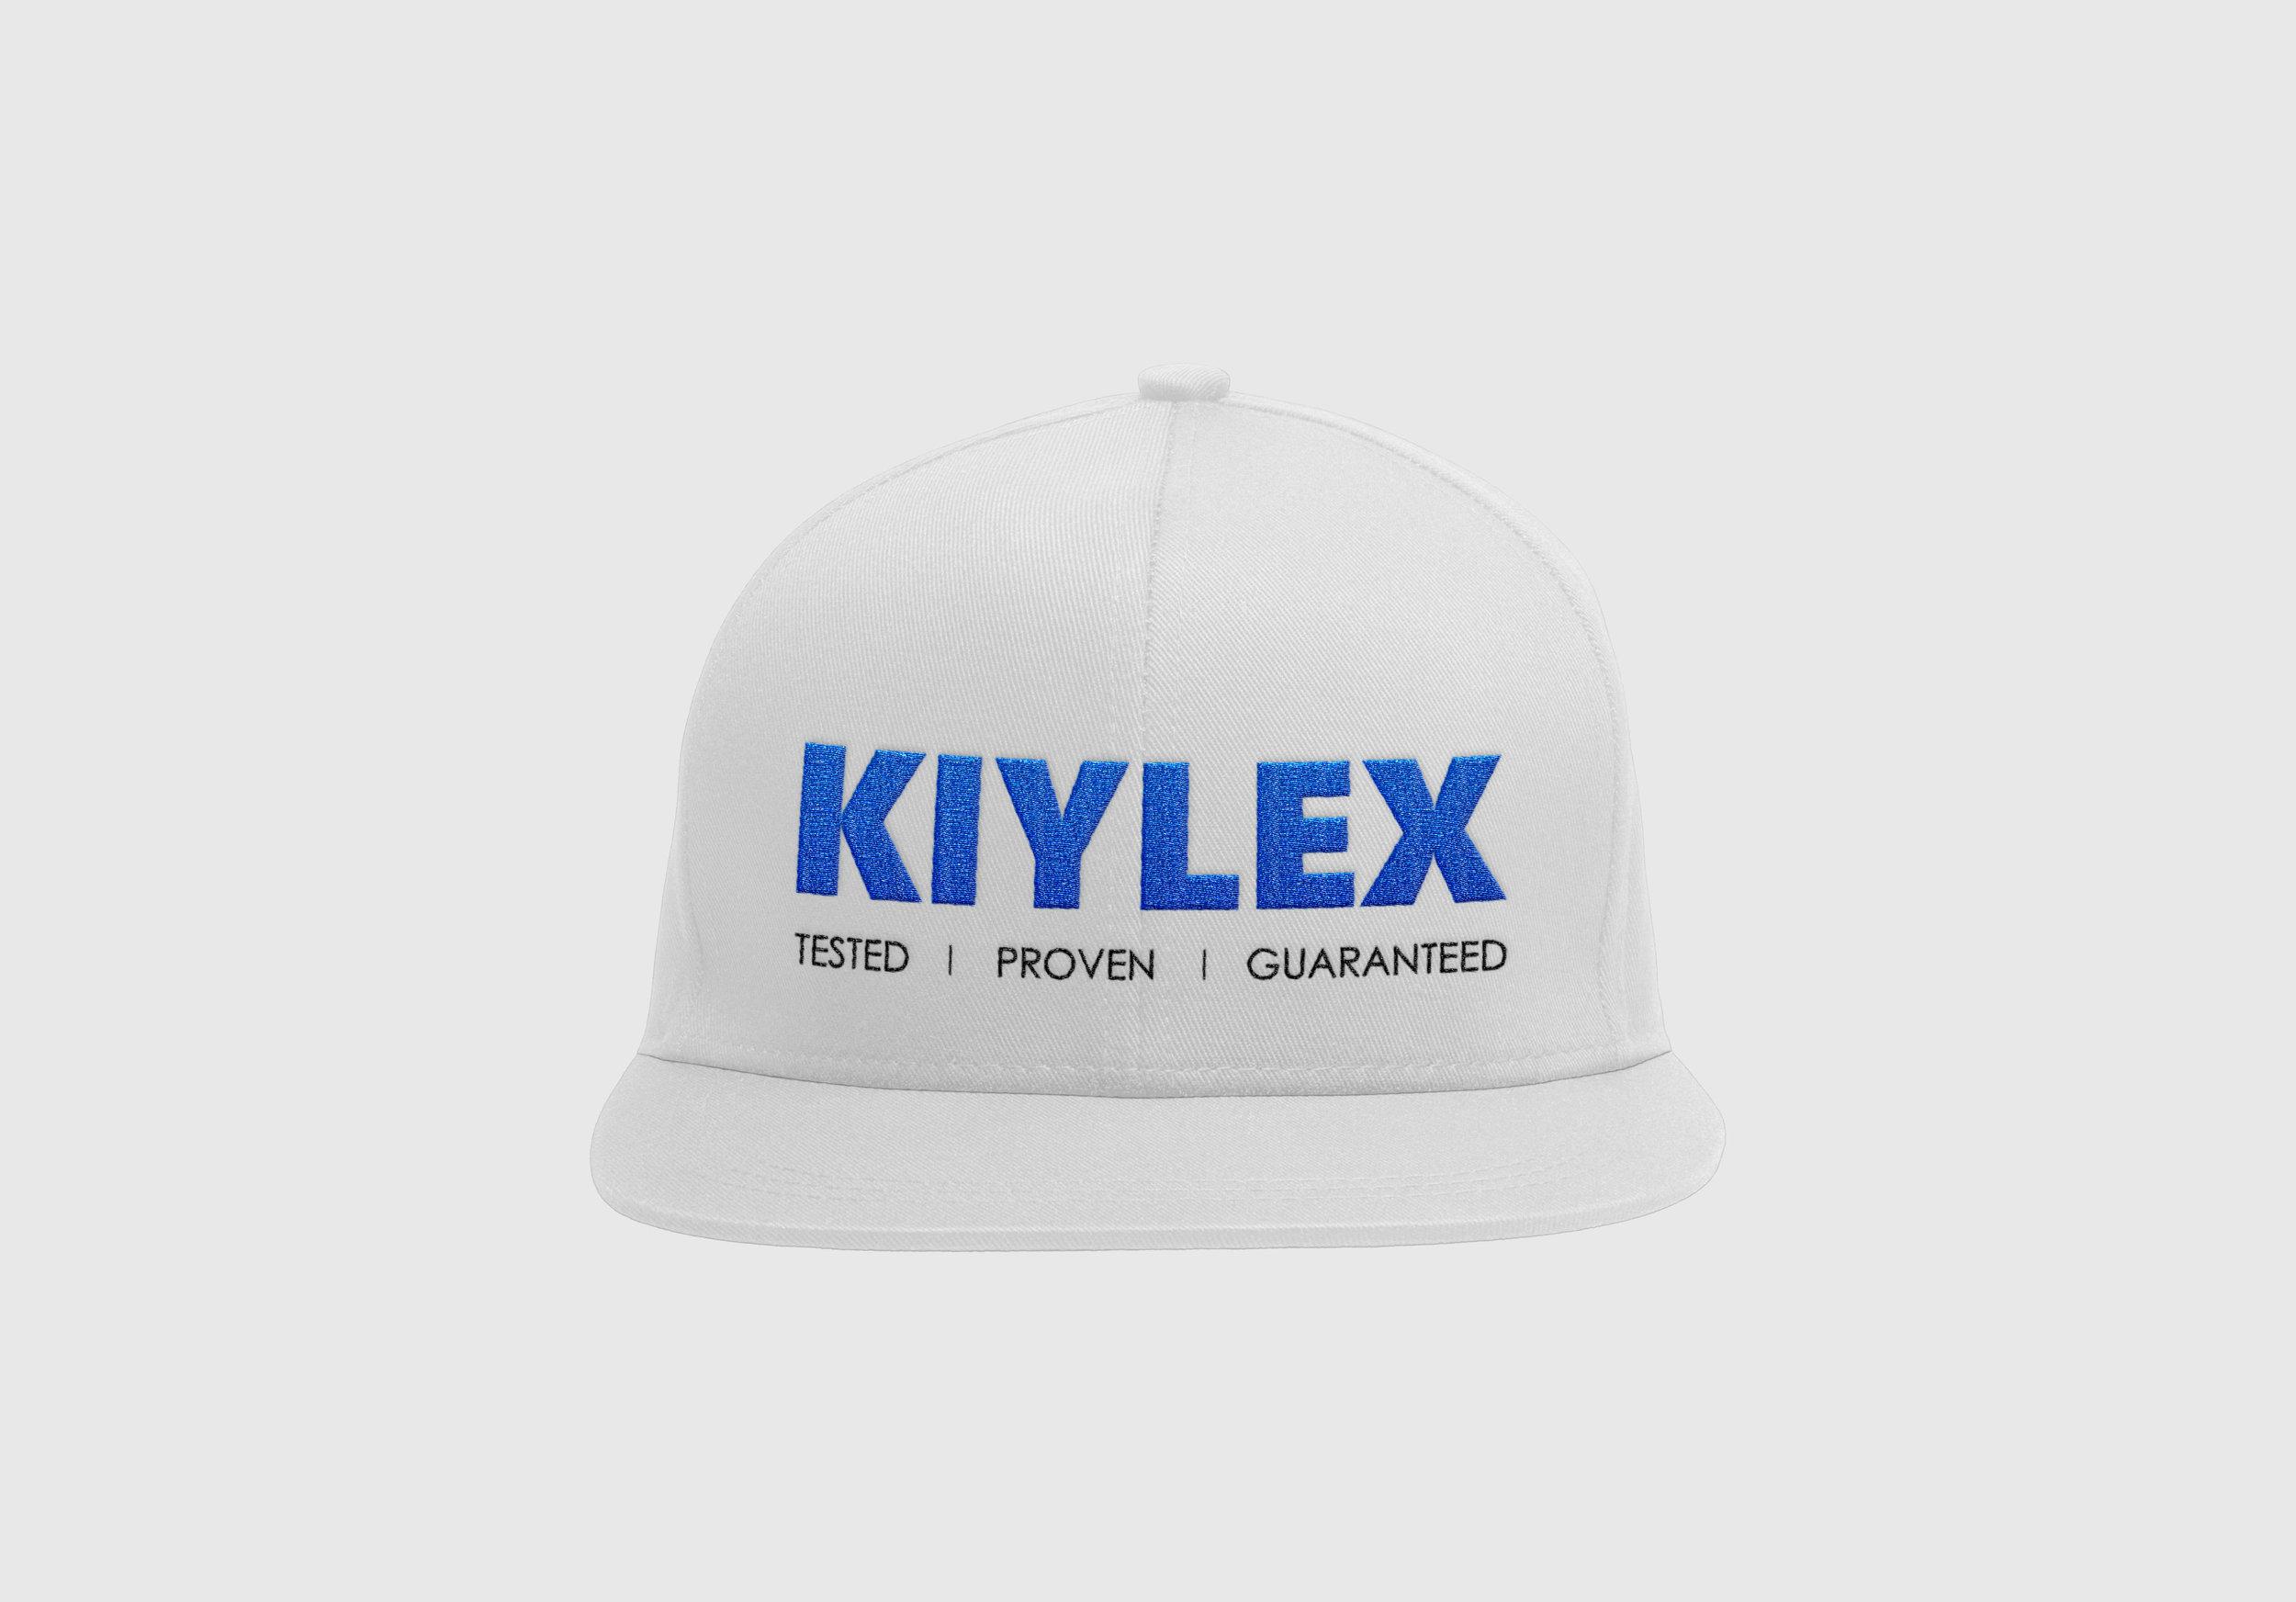 Big-Kiylex-White-Front.jpg